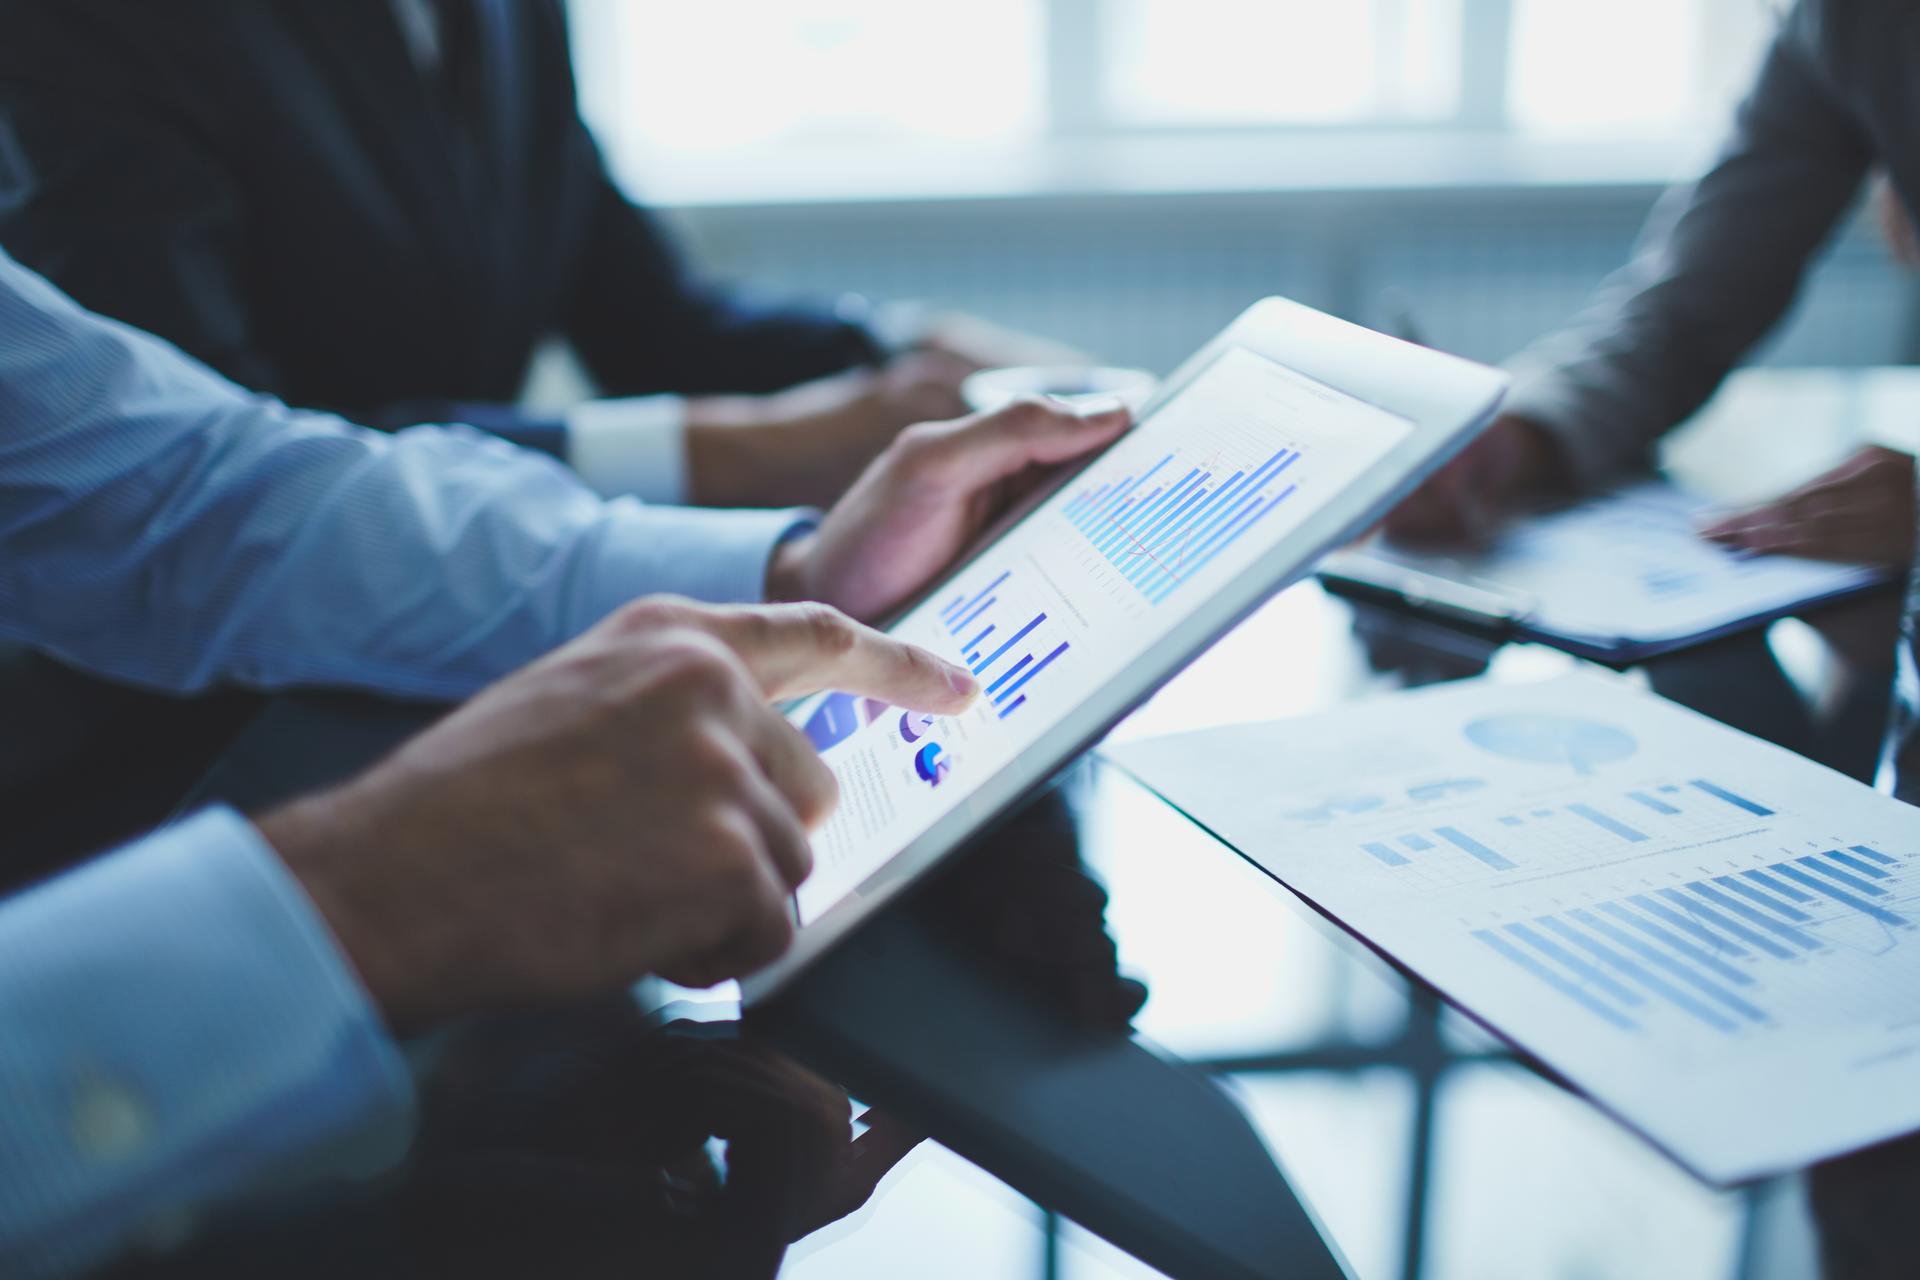 Entenda quais são as principais soluções em Marketing Digital para alavancar sua estratégia online